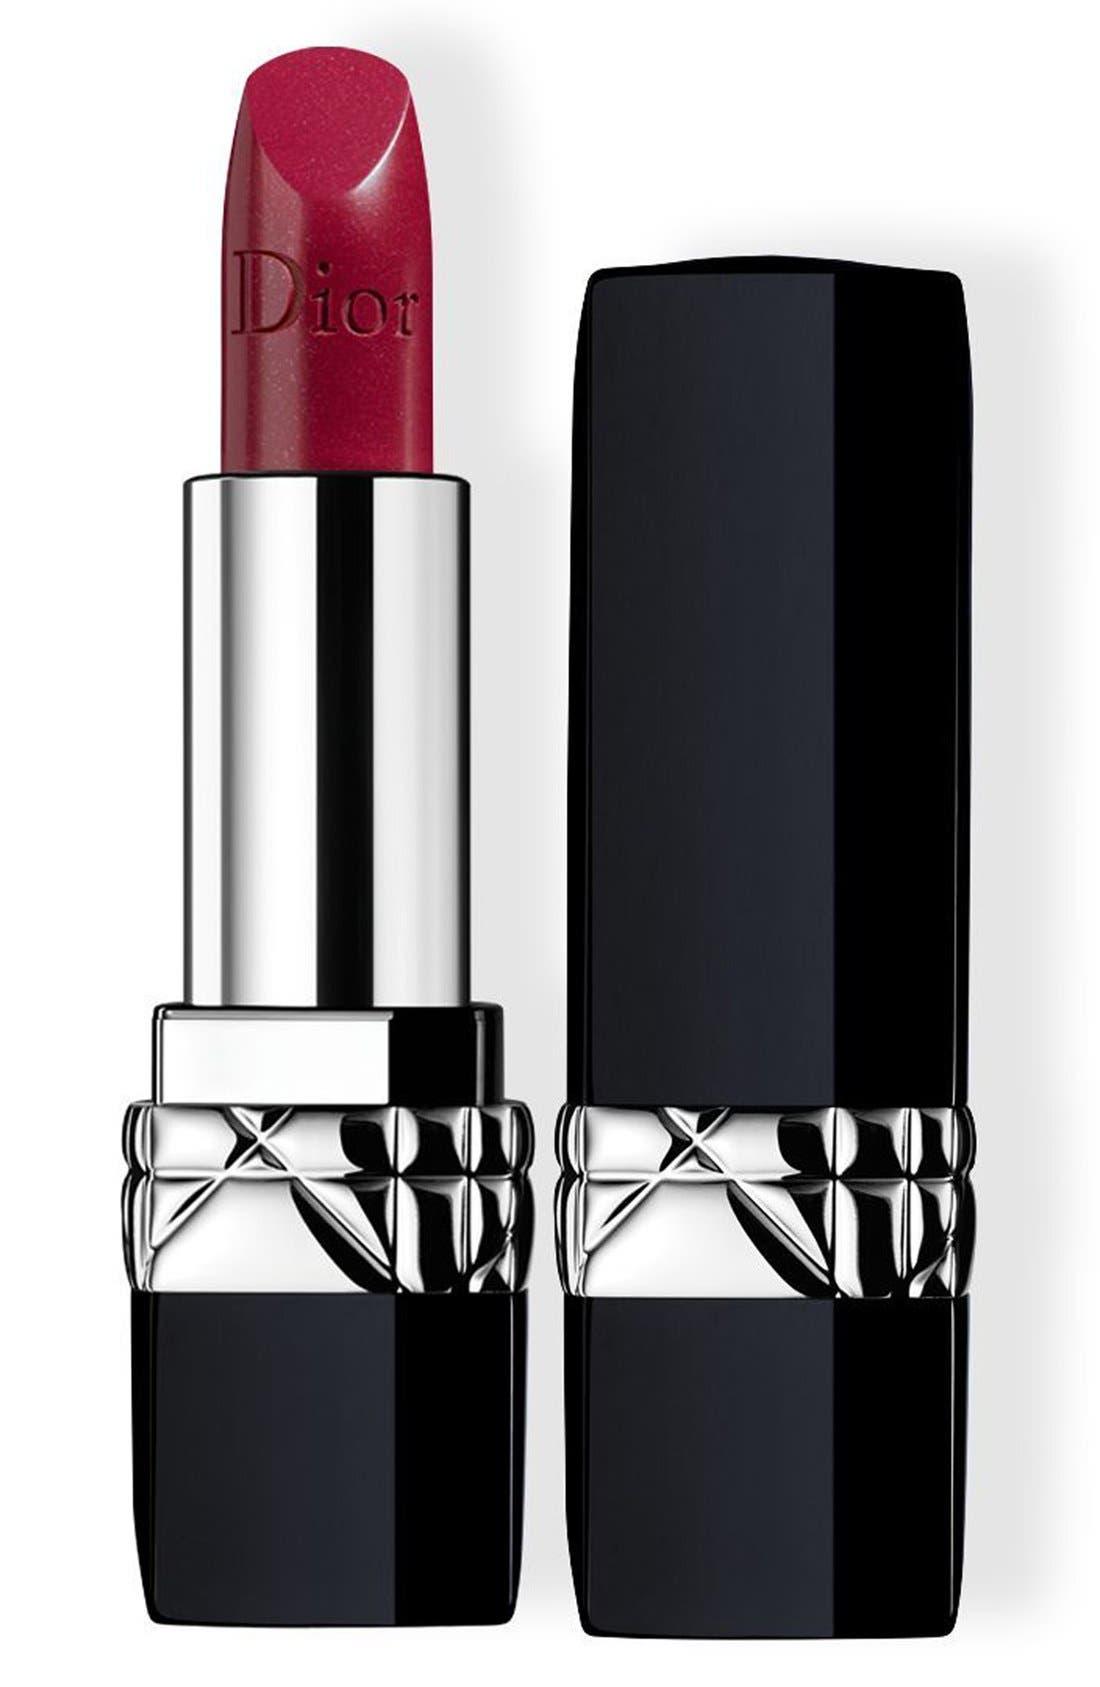 Dior Couture Color Rouge Dior Lipstick - 988 Rialto